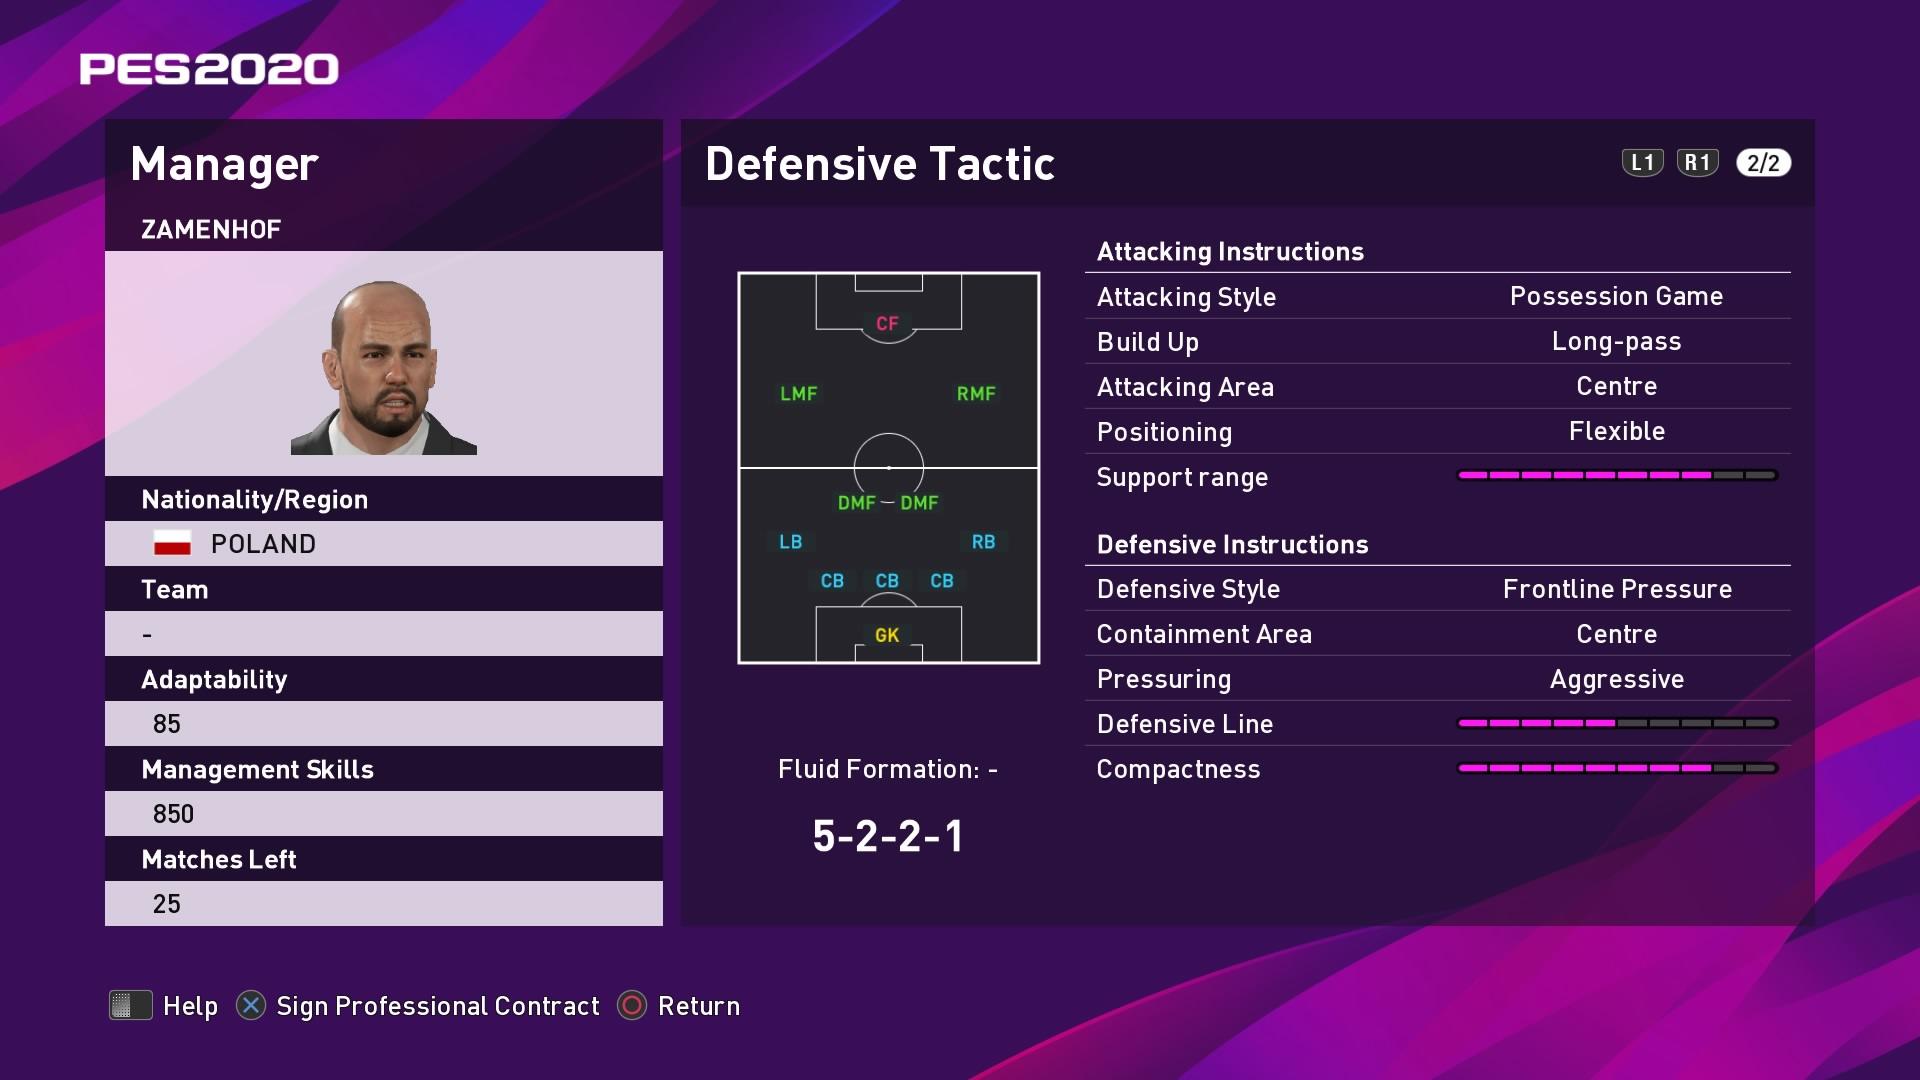 Zamenhof Defensive Tactic in PES 2020 myClub